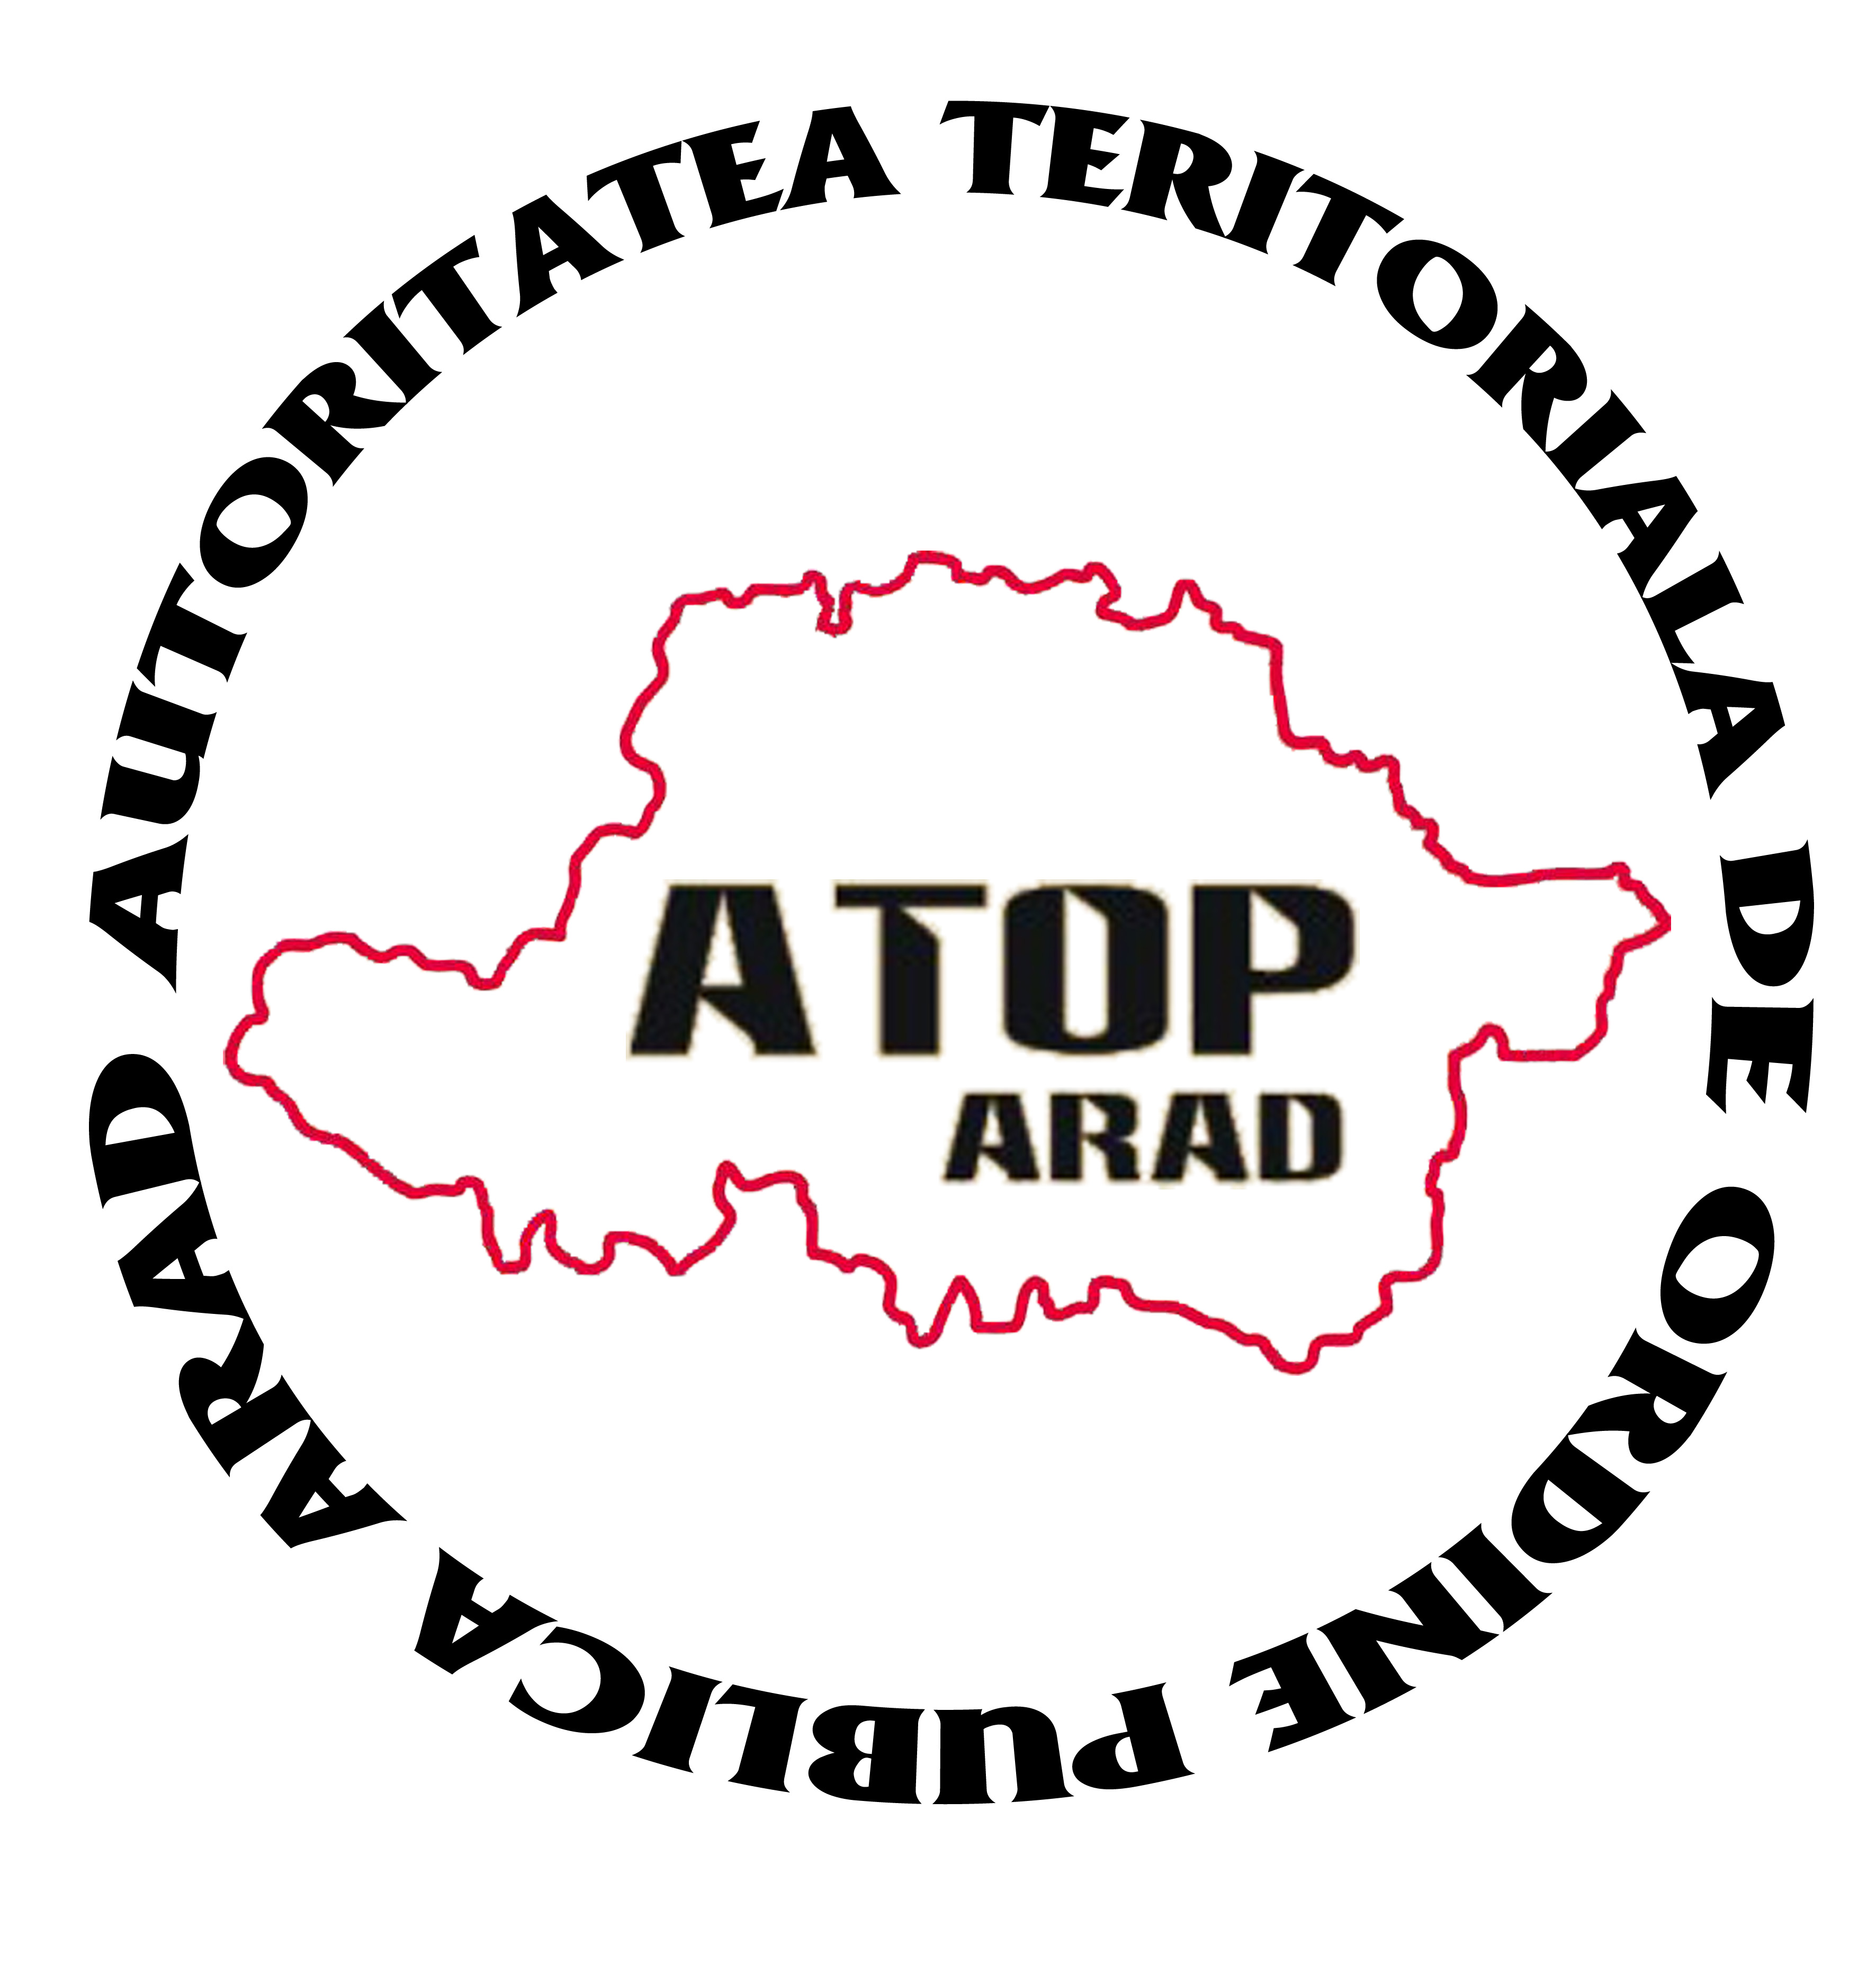 Autoritatea Teritoriala de Ordine Publica Arad